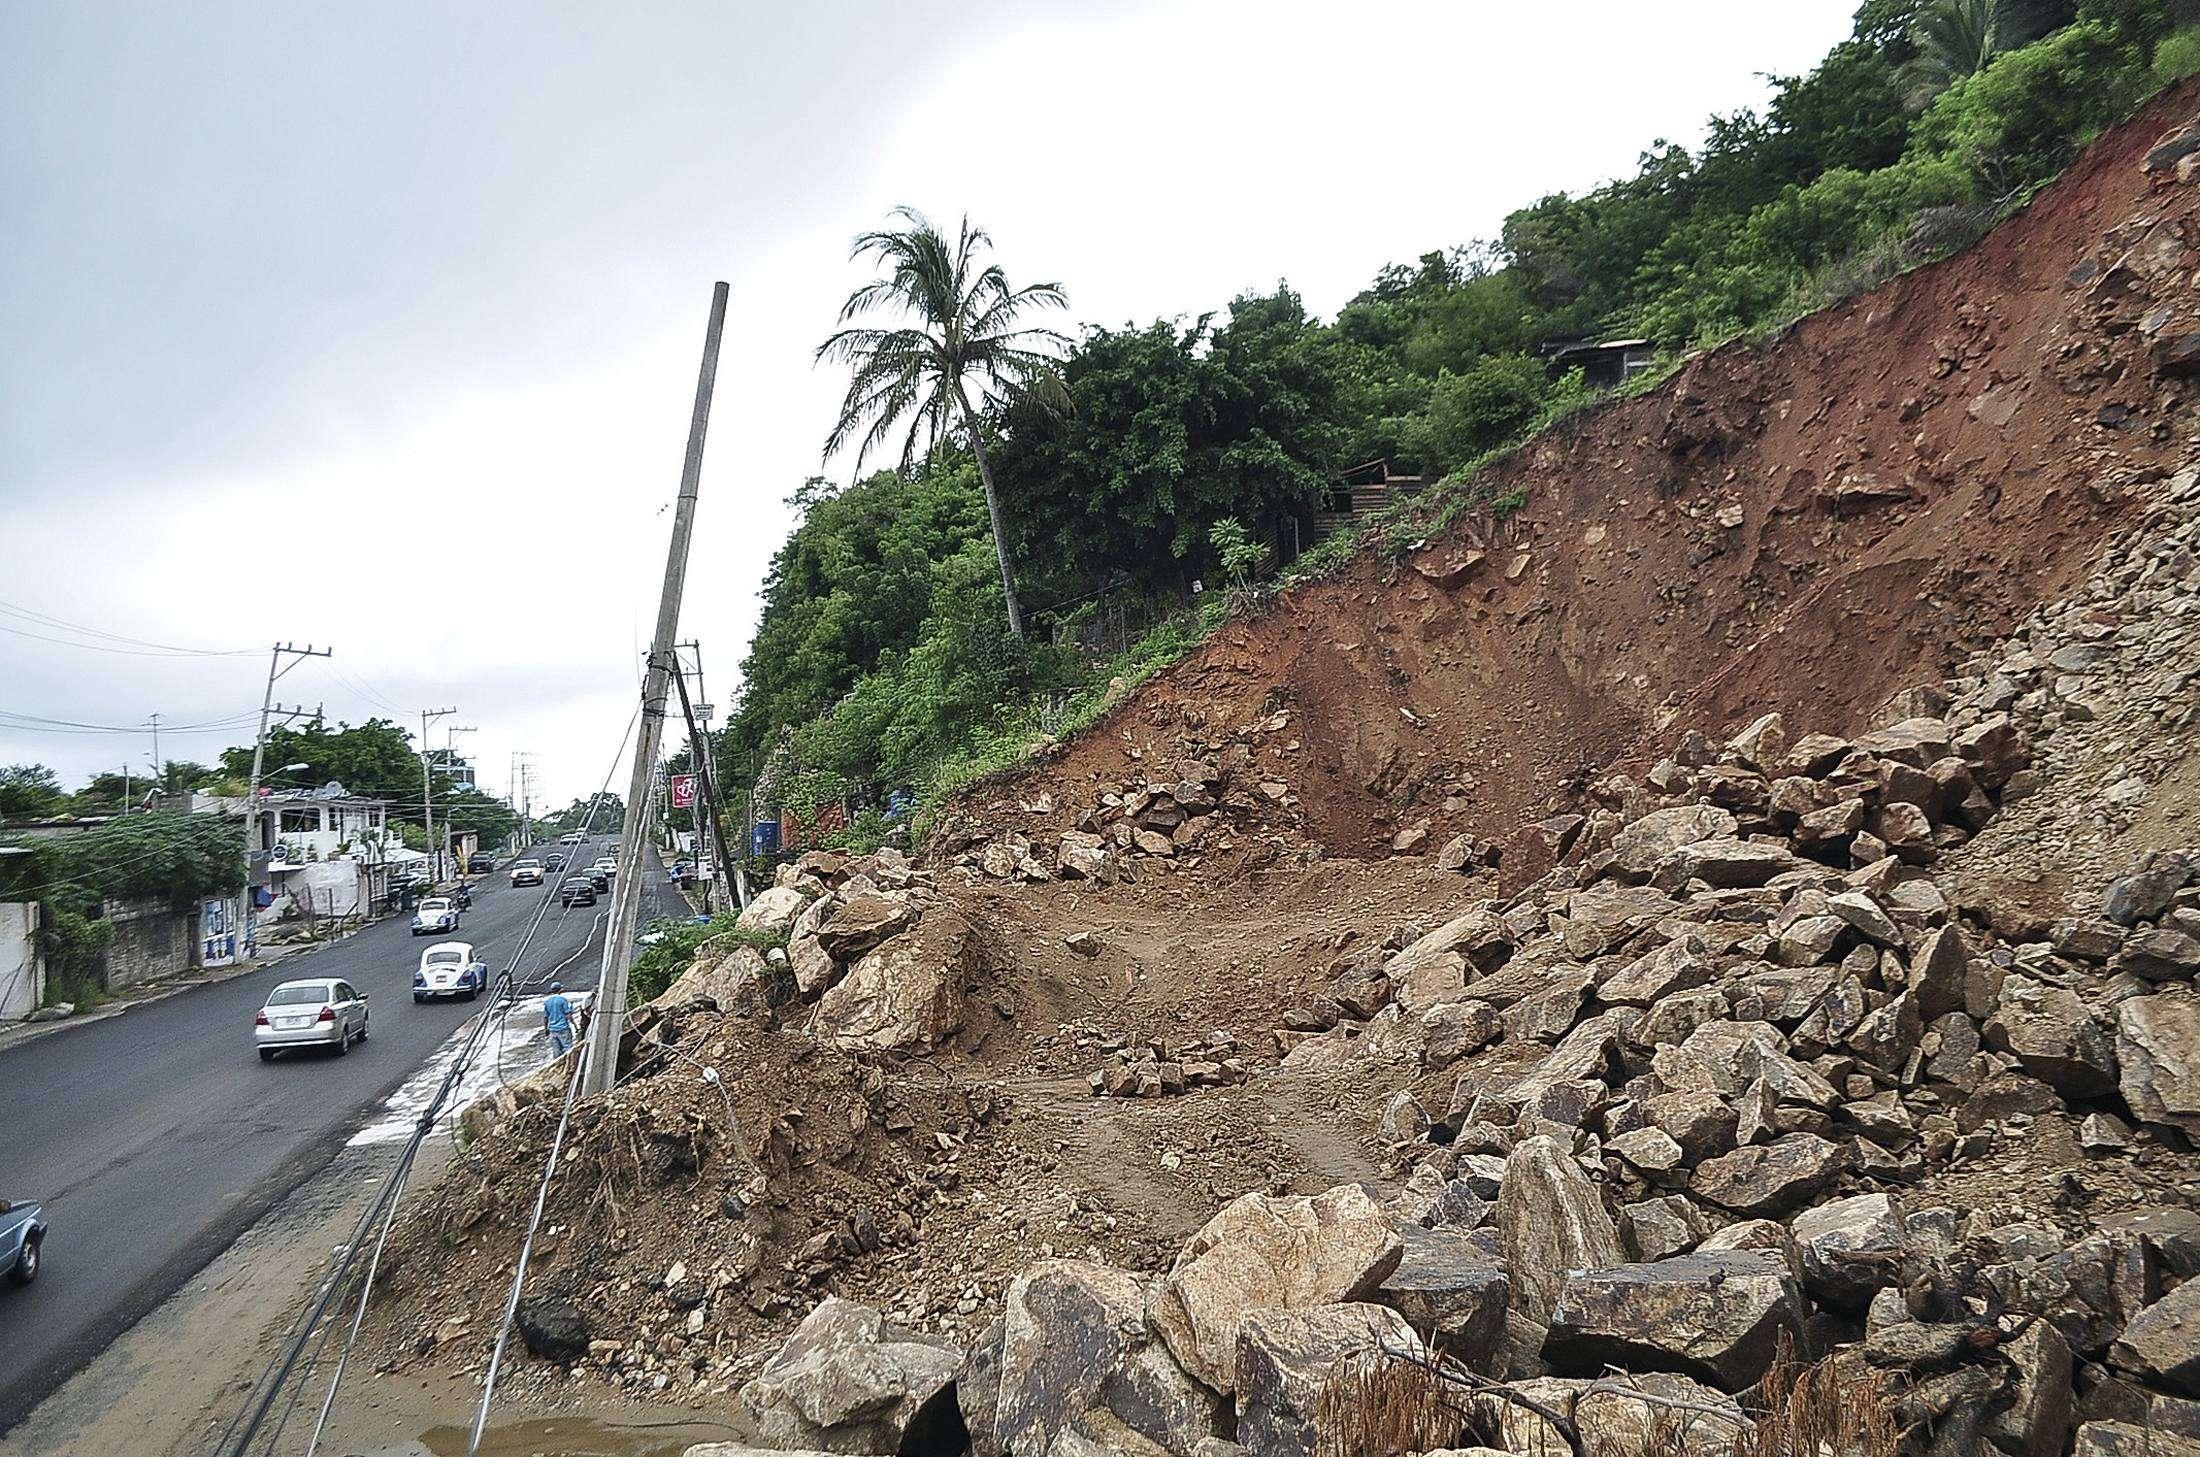 Deslizamento é visto perto da cidade de Acapulco, no México, neste domingo (19) Foto: Reuters